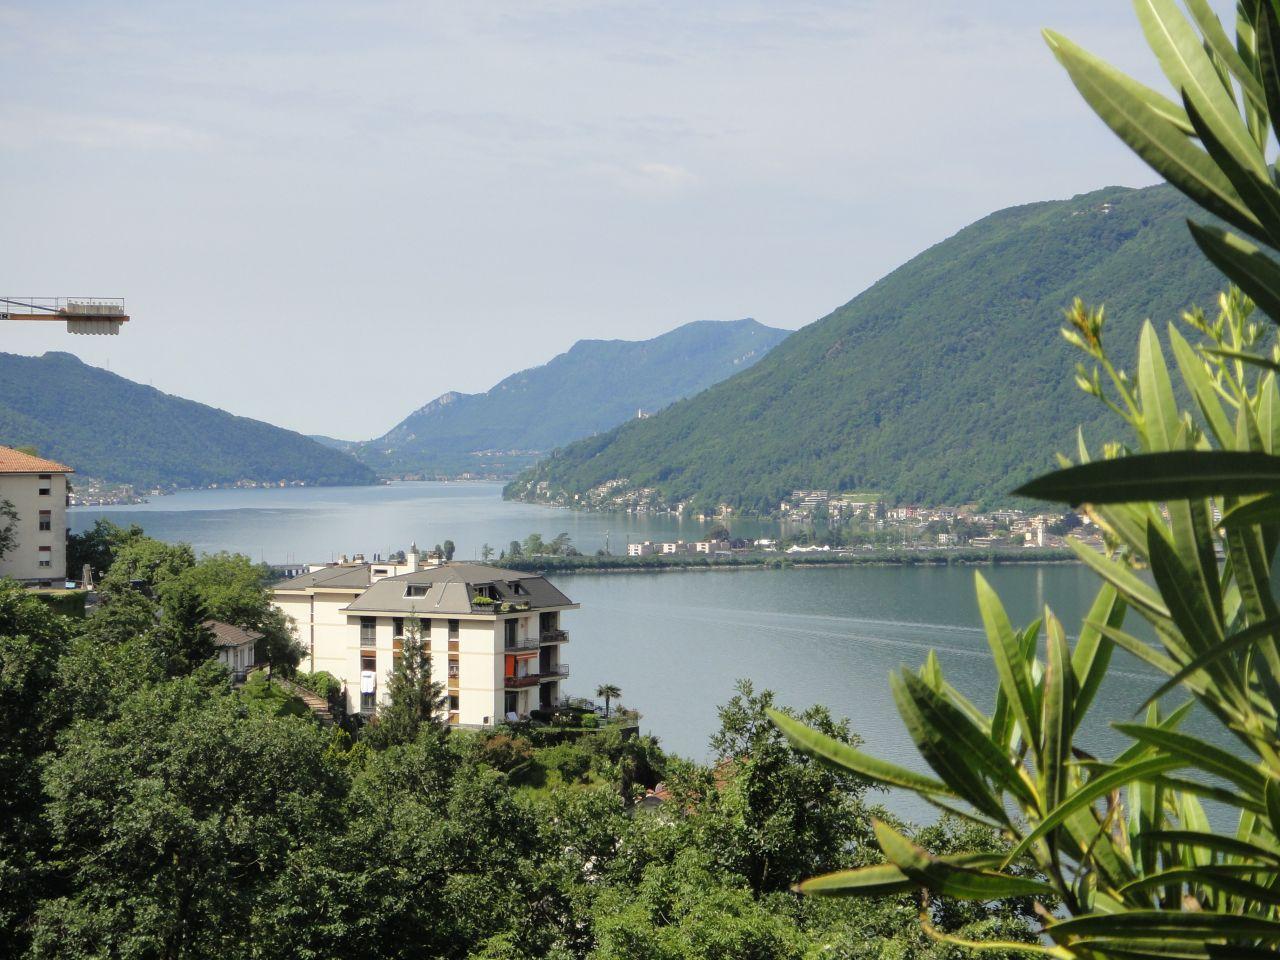 Коттедж в Кампионе-д'Италия, Италия - фото 1